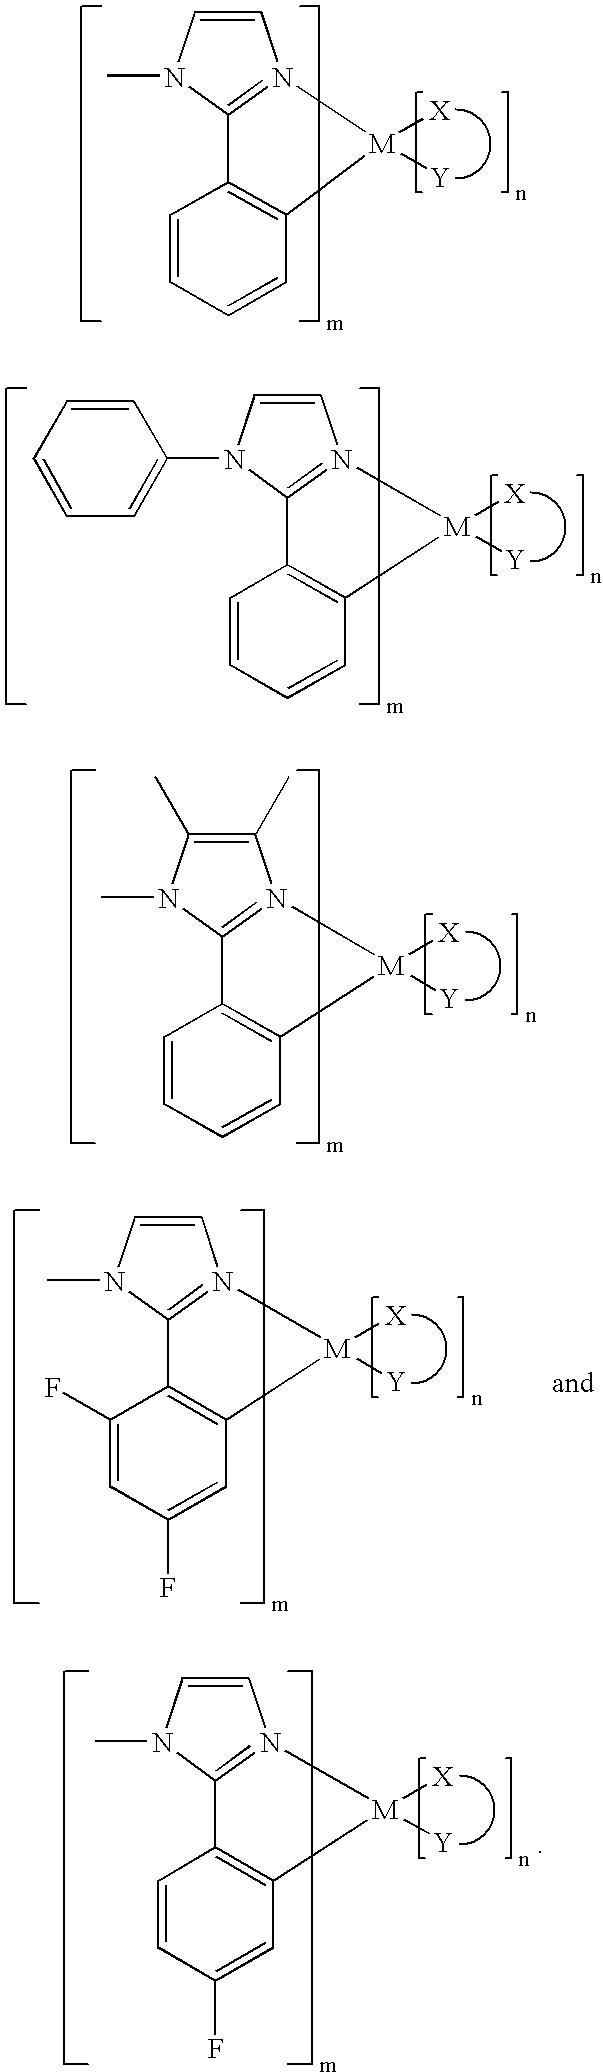 Figure US20060008670A1-20060112-C00049